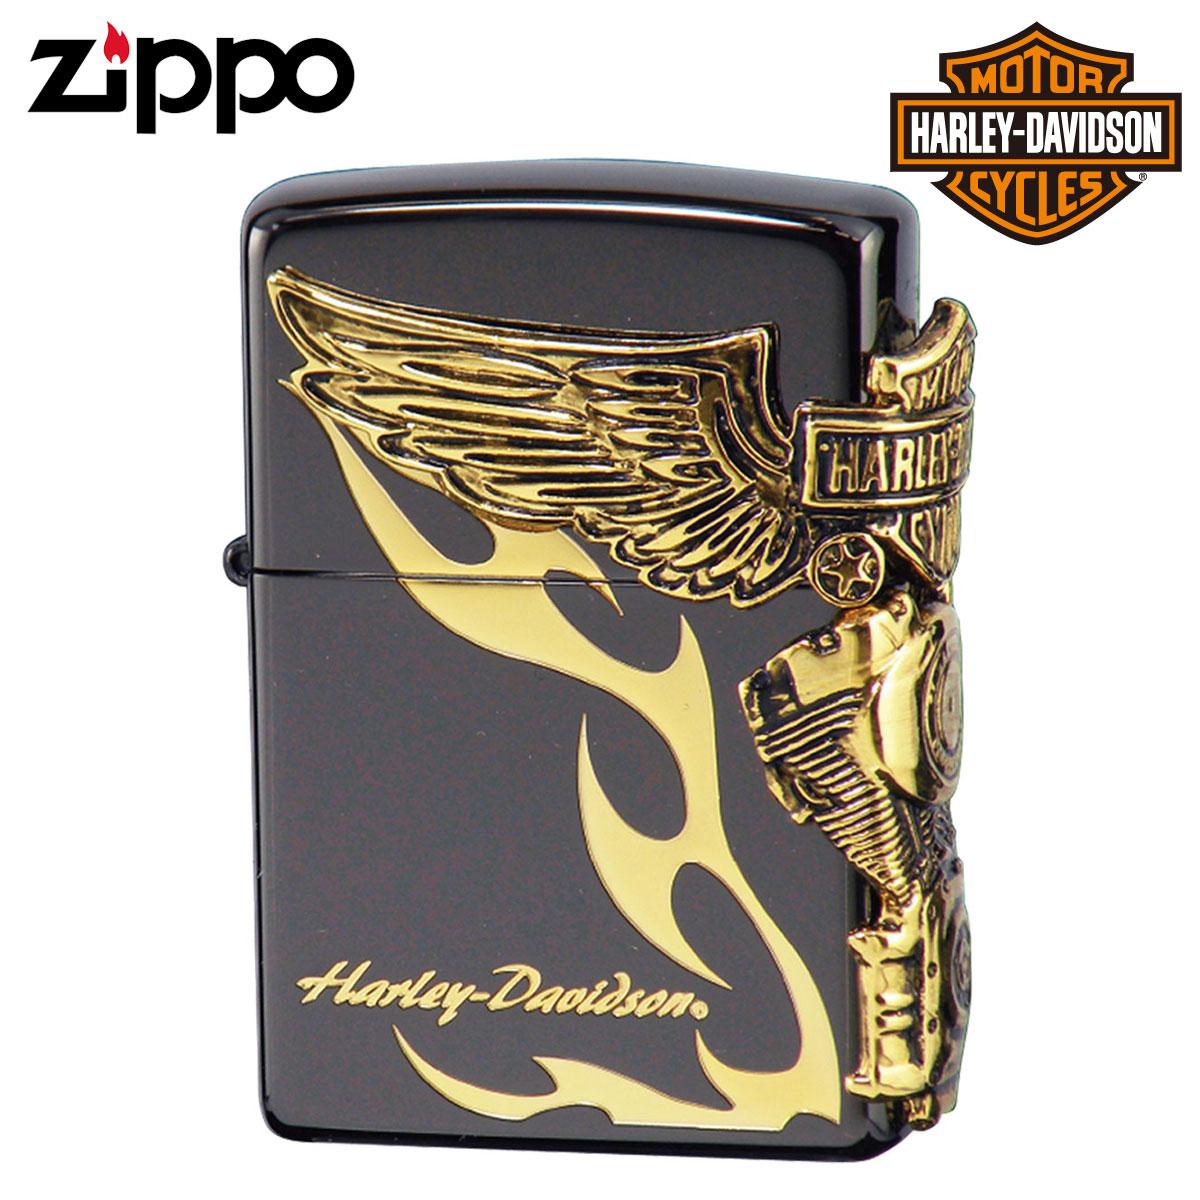 杂货商zippo jipporaitaharedabiddoson HDP24礼物礼物退货不可油打火机Zippo打火机礼物礼物男人的男朋友男性人